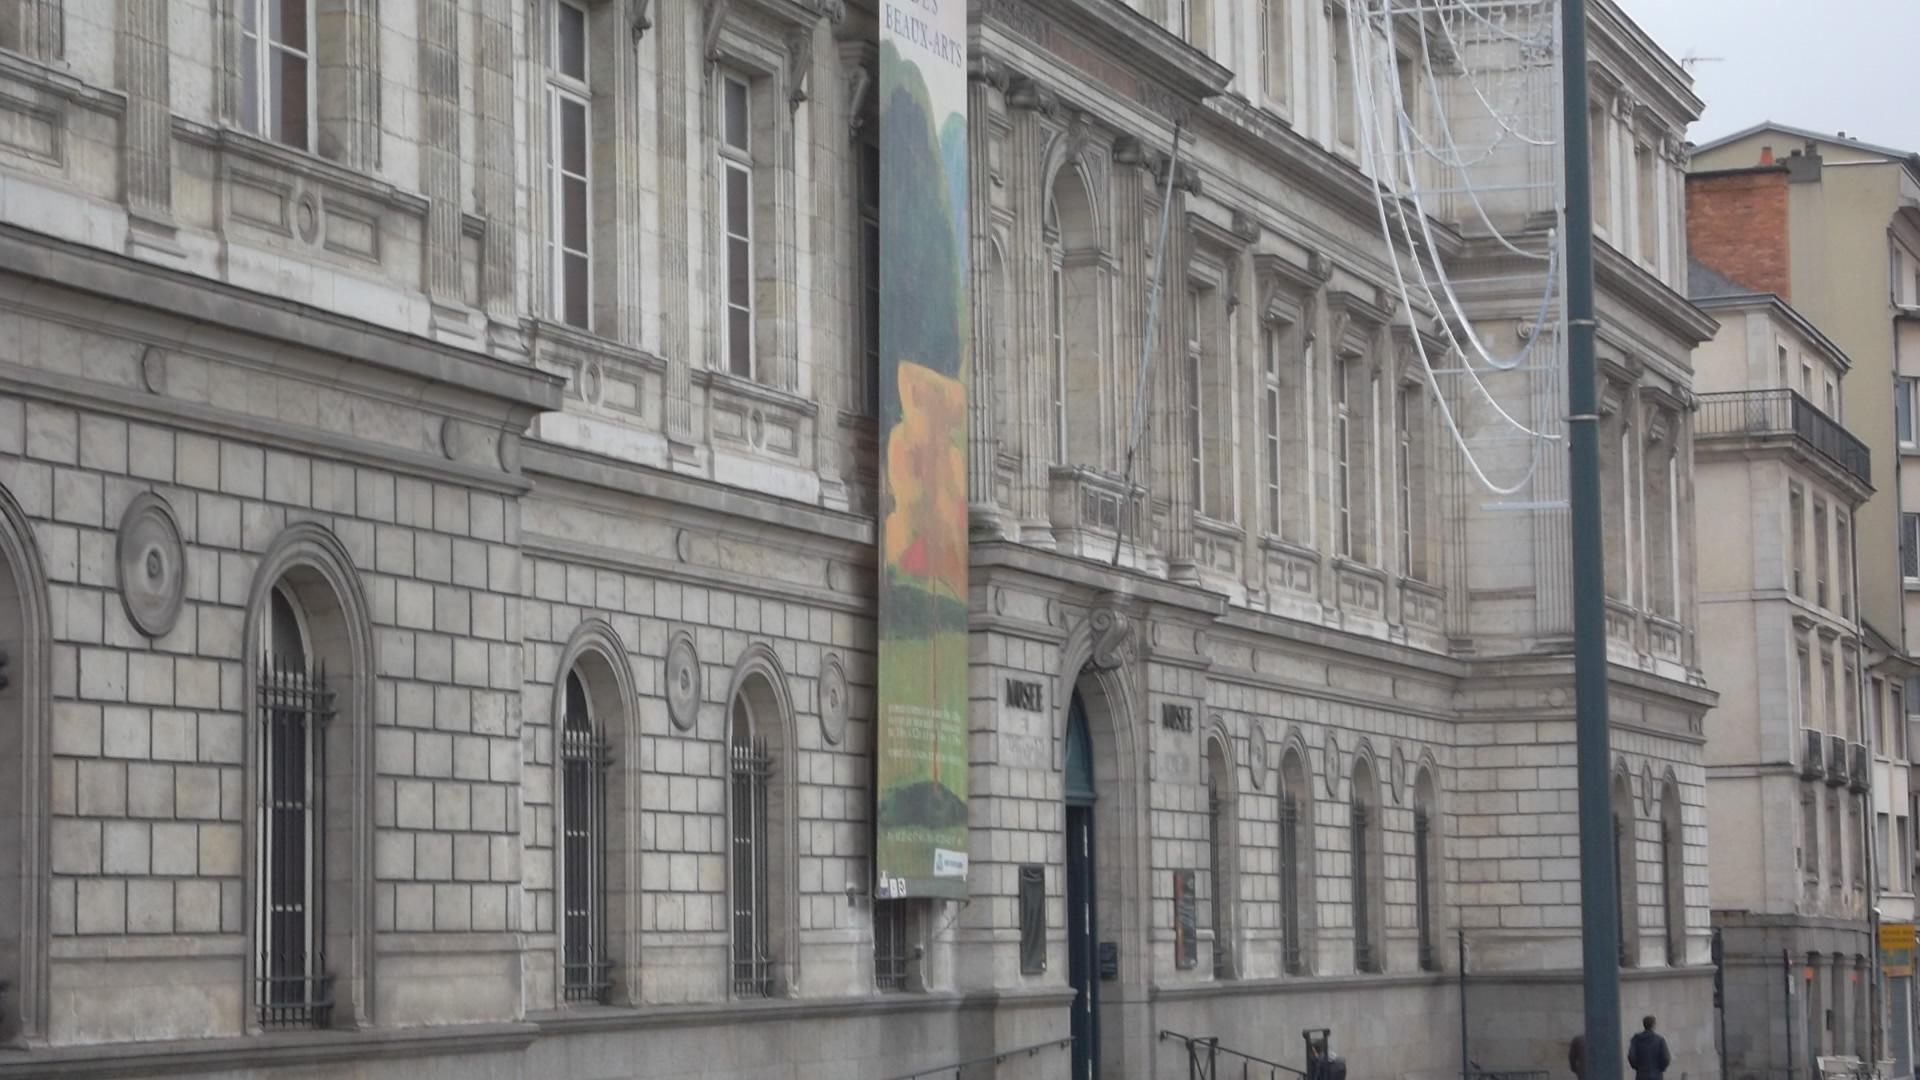 Rennes mus beaux arts oct12